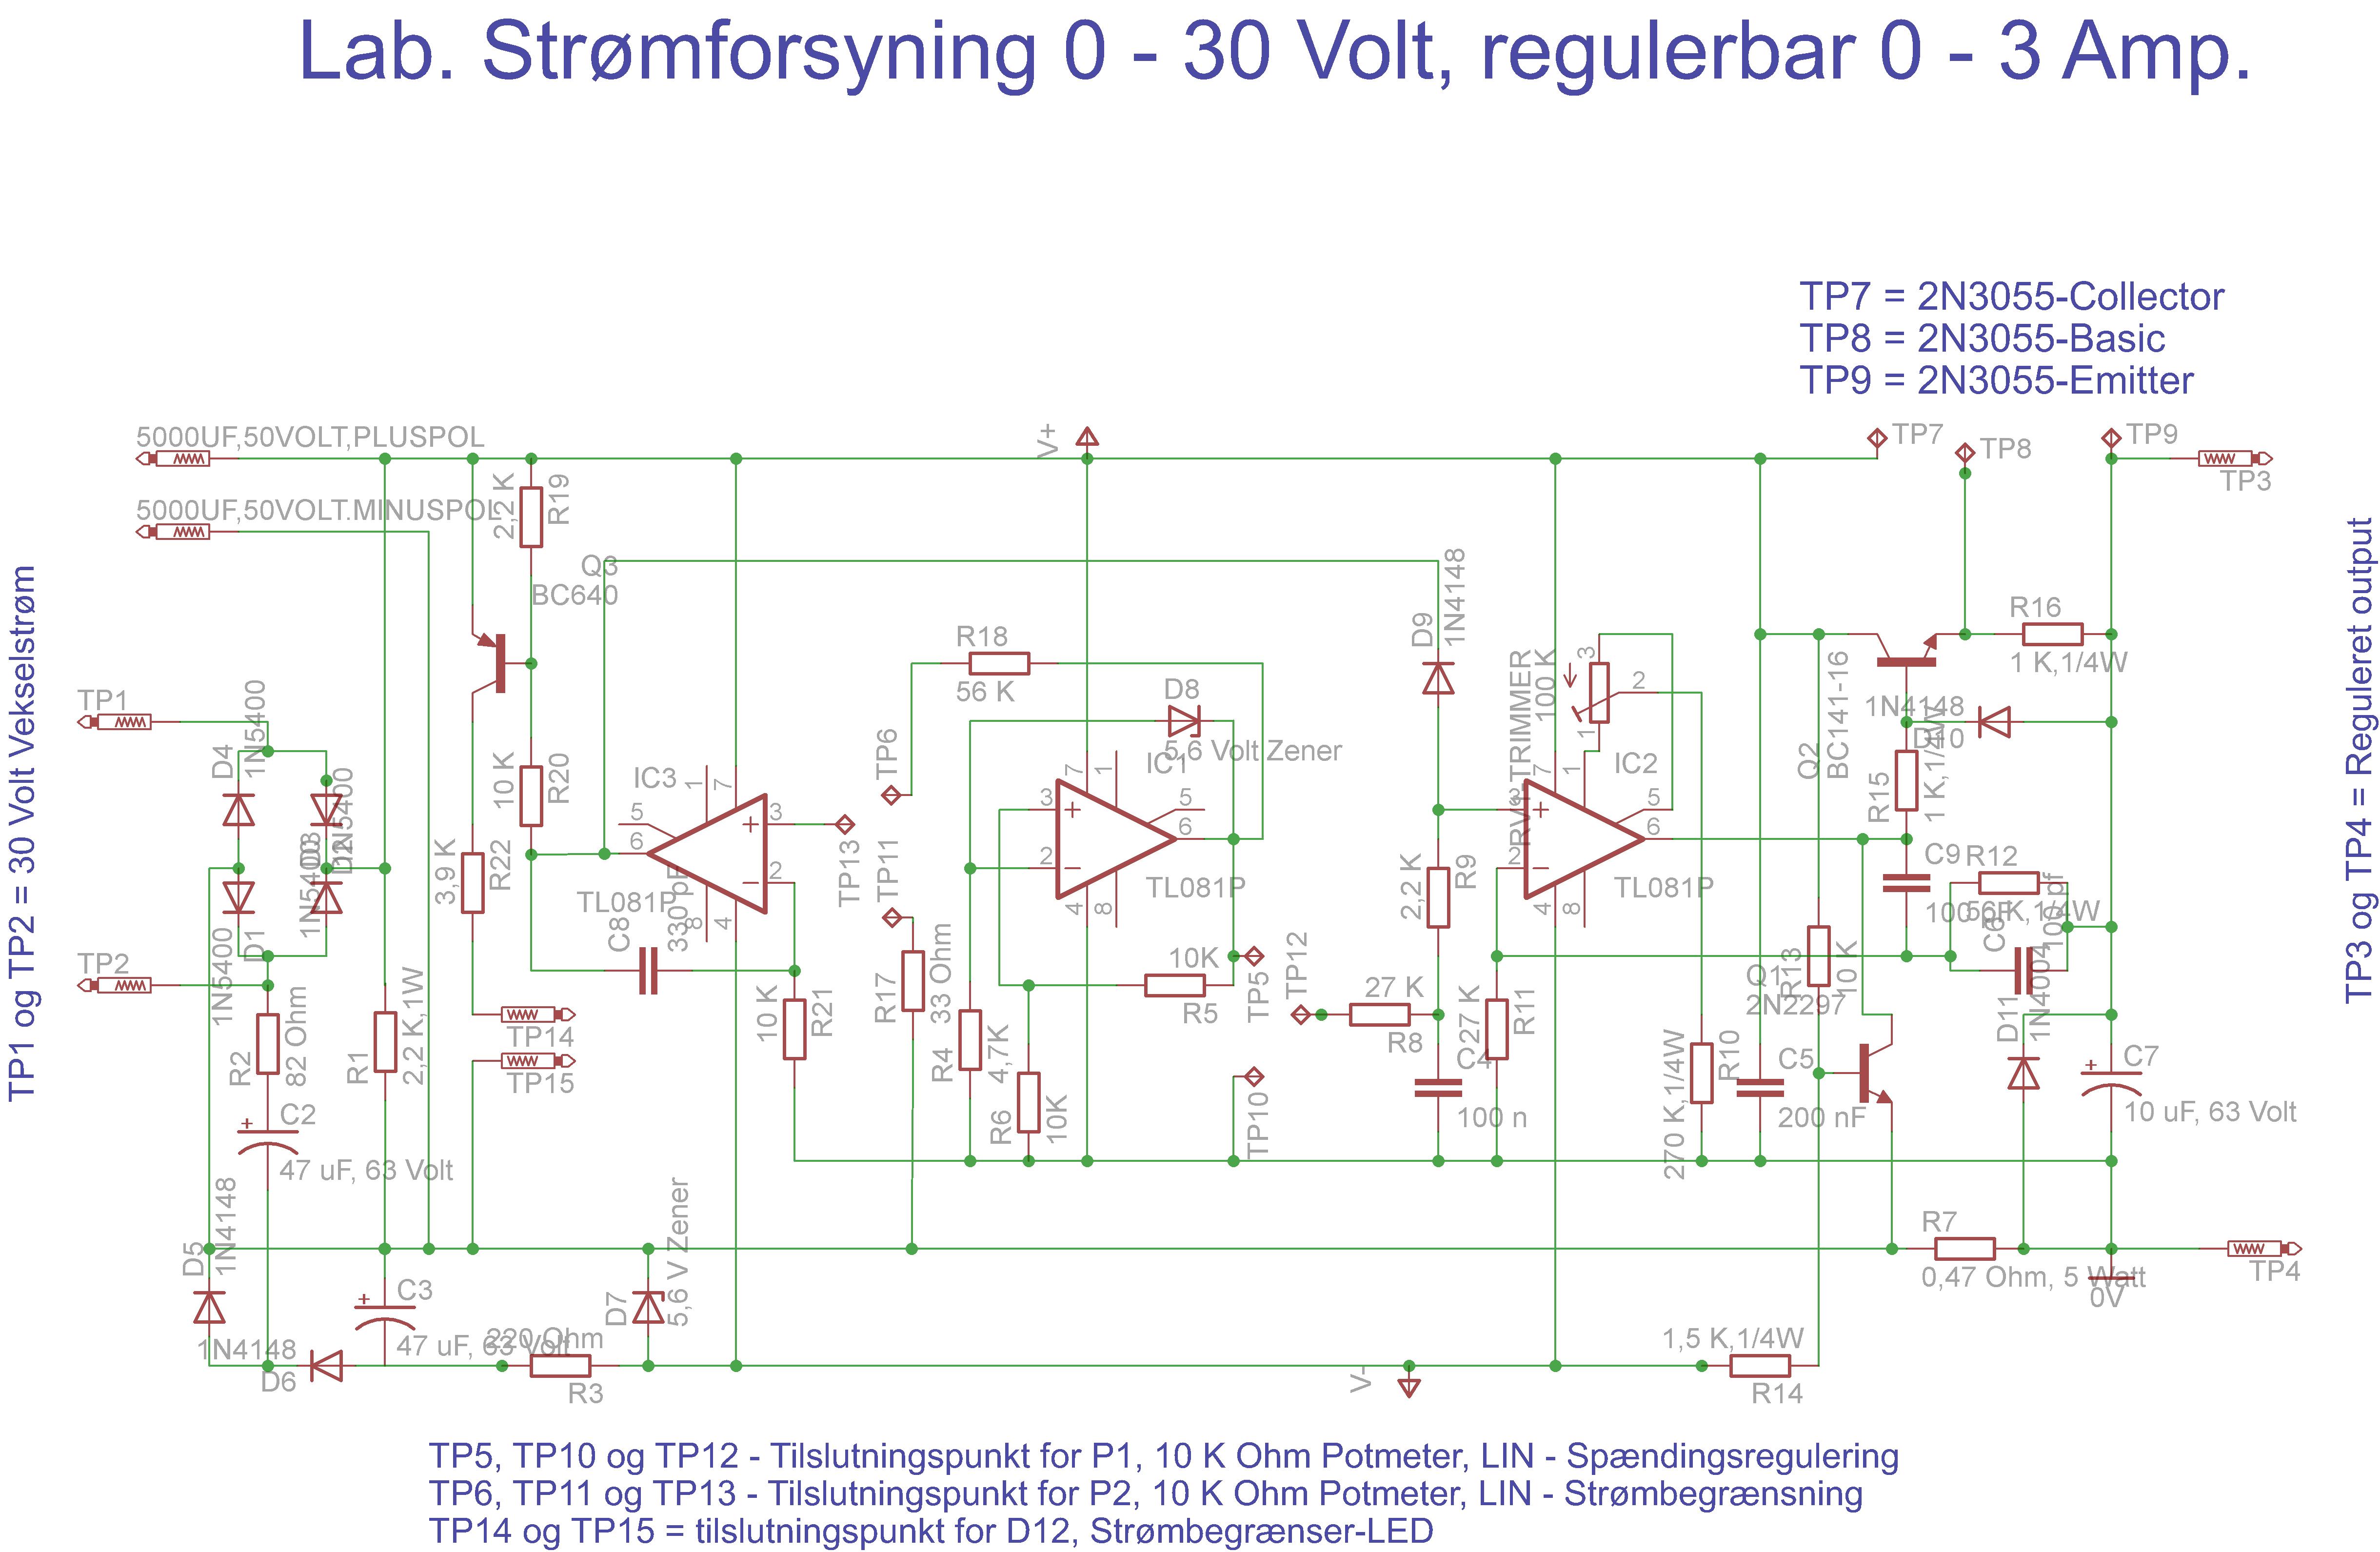 transistor hvordan virker den